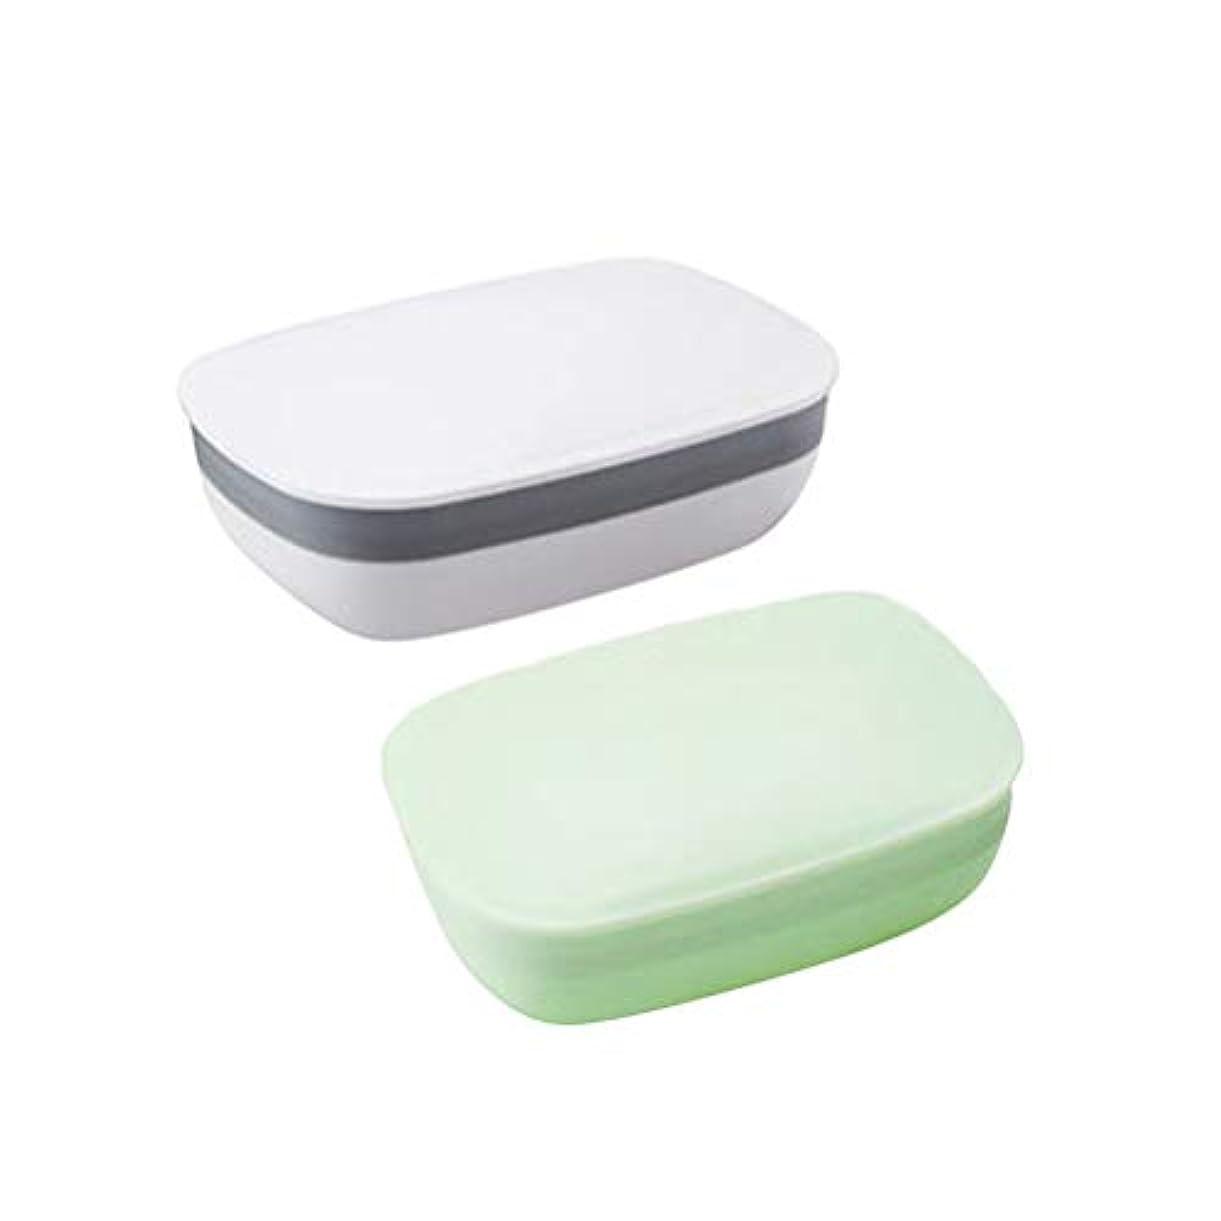 ロンドン平衡スクレーパーHealifty ソープドレーナープラスチックソープホルダーコンテナソープセーバーボックスケース浴室用シャワーホームアウトドア旅行セット2(ランダムカラー)